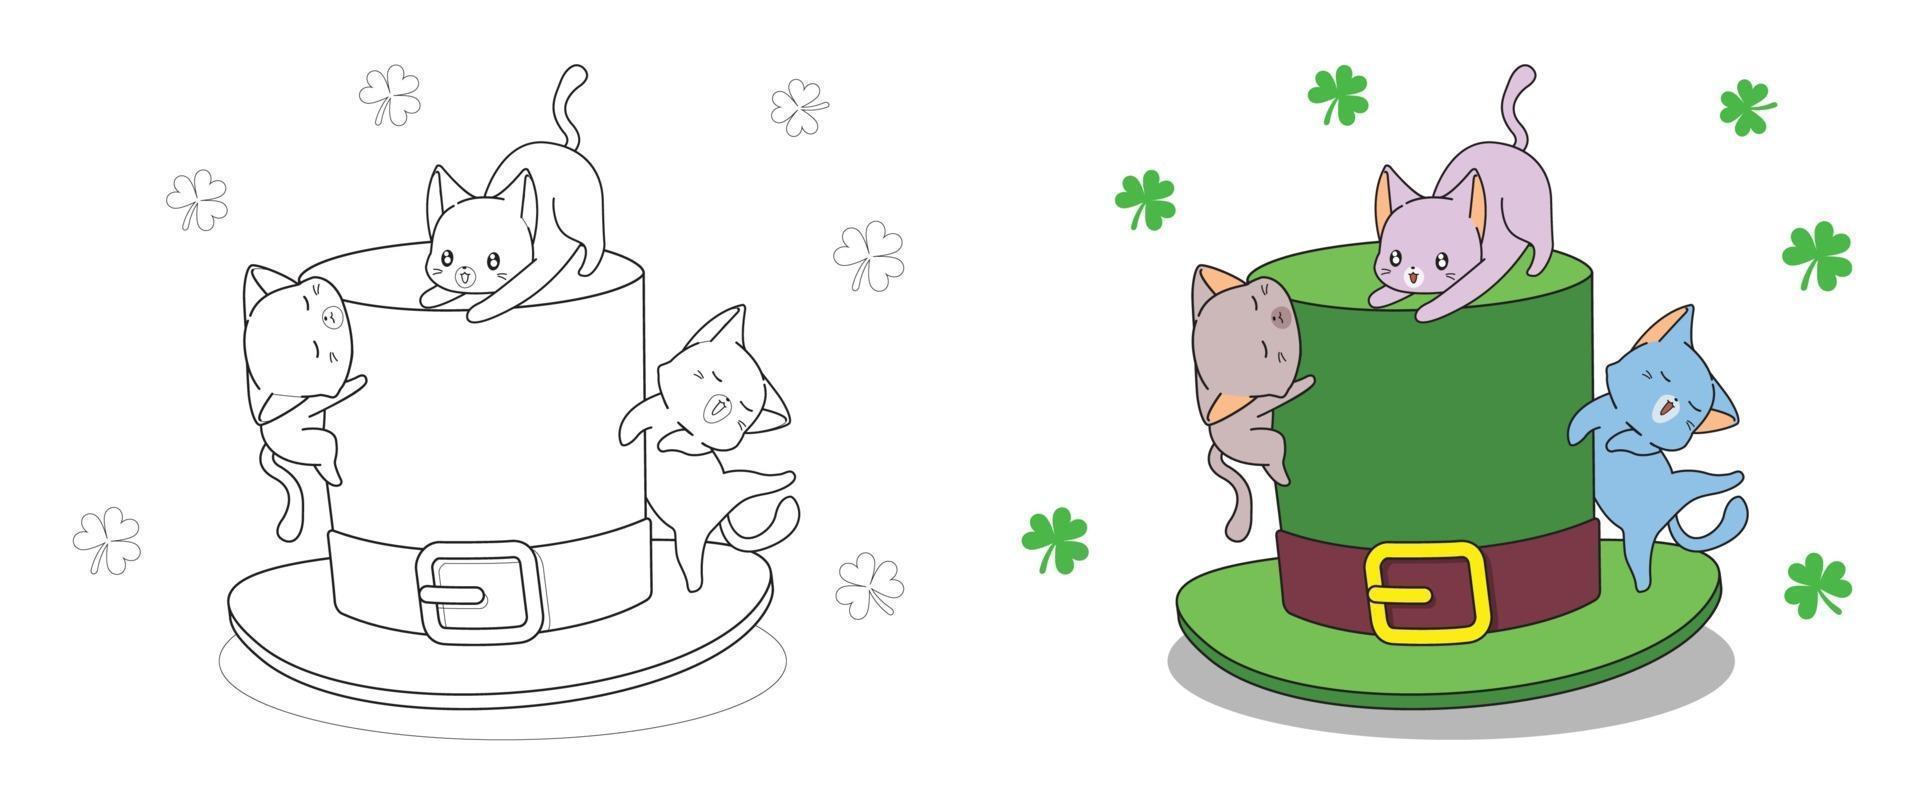 gatos com chapéu no dia de São Patrício, página para colorir para crianças vetor